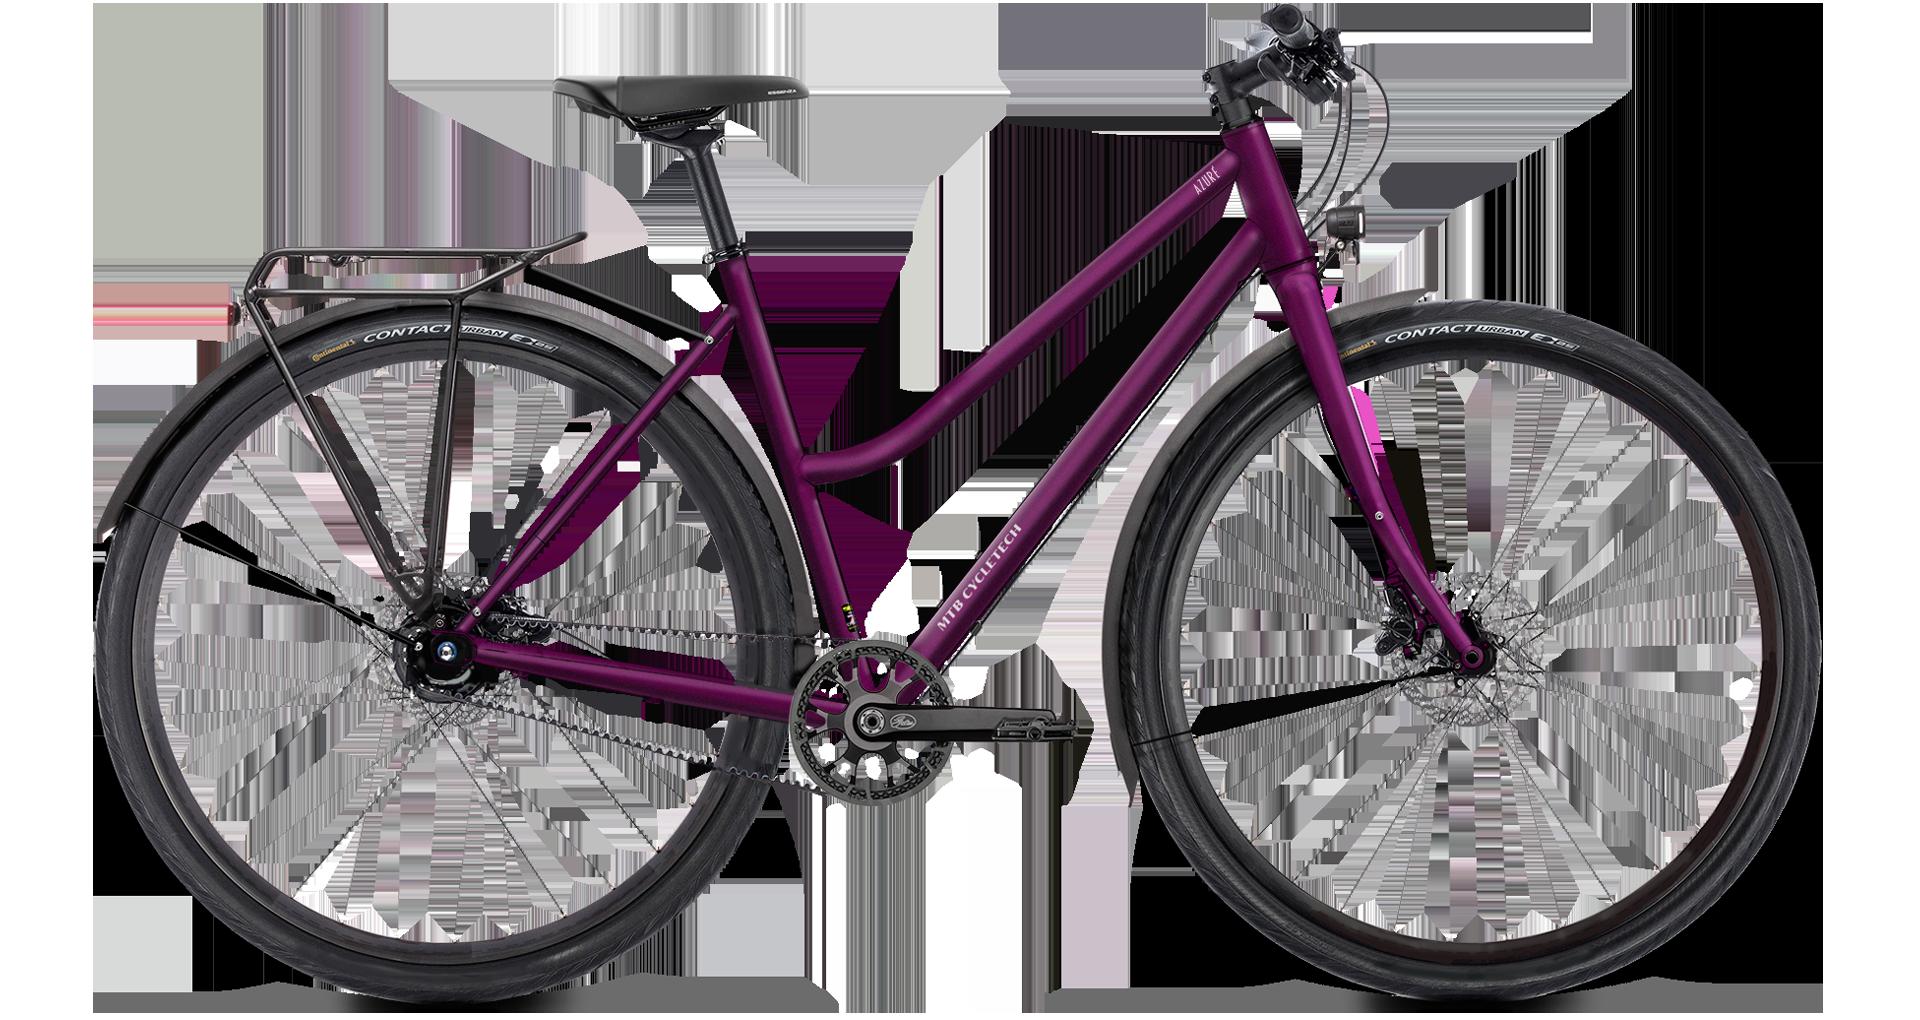 Modell - Azure lady - MTB Cycletech